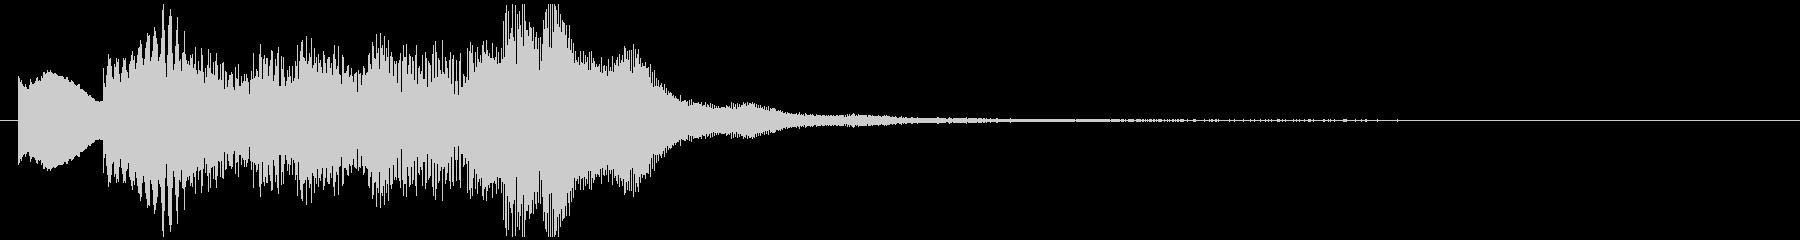 変化 理科の実験 ビブラホン 不思議の未再生の波形